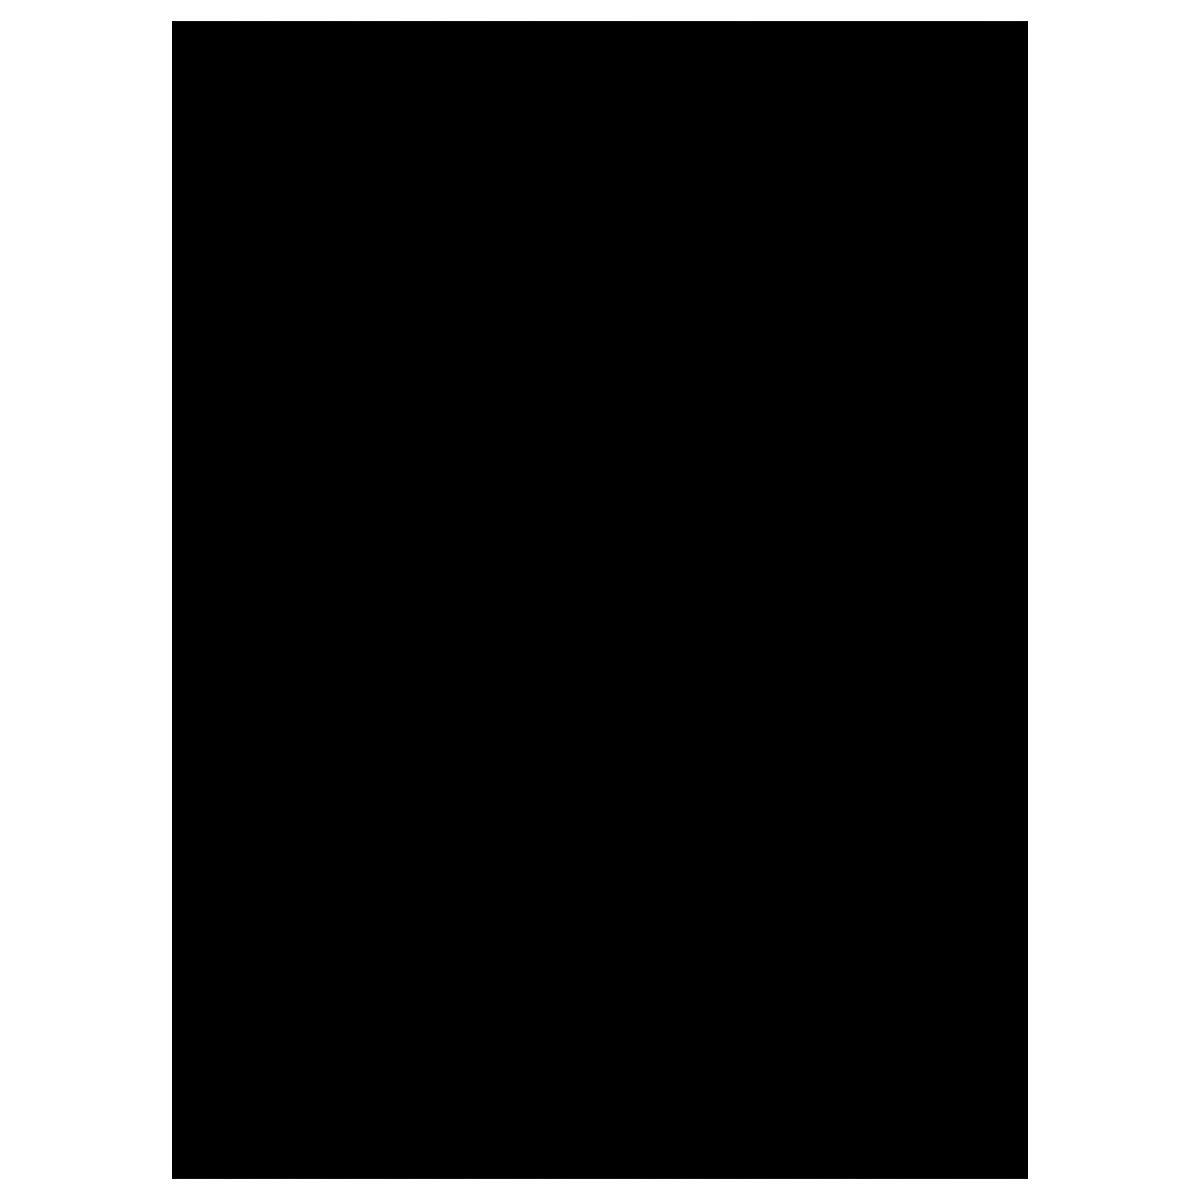 COOJA Pellicola Privacy Finestre Autoadesiva, Elettrostatica Pellicola Oscurante Vetri Adesivi Pellicola Opaca Vetro Anti UV Pellicola per Finestre Stickers Finestra 45x200cm -Nero